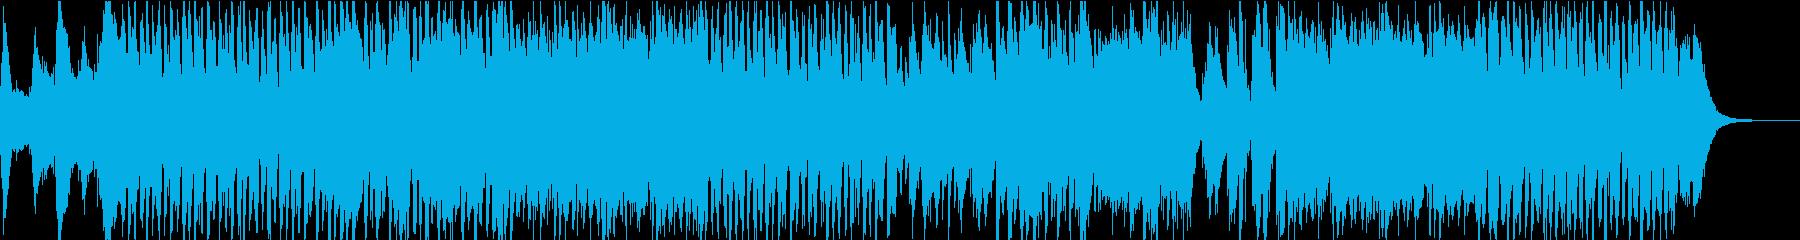 ハロウィンを連想させる奇妙なインストの再生済みの波形